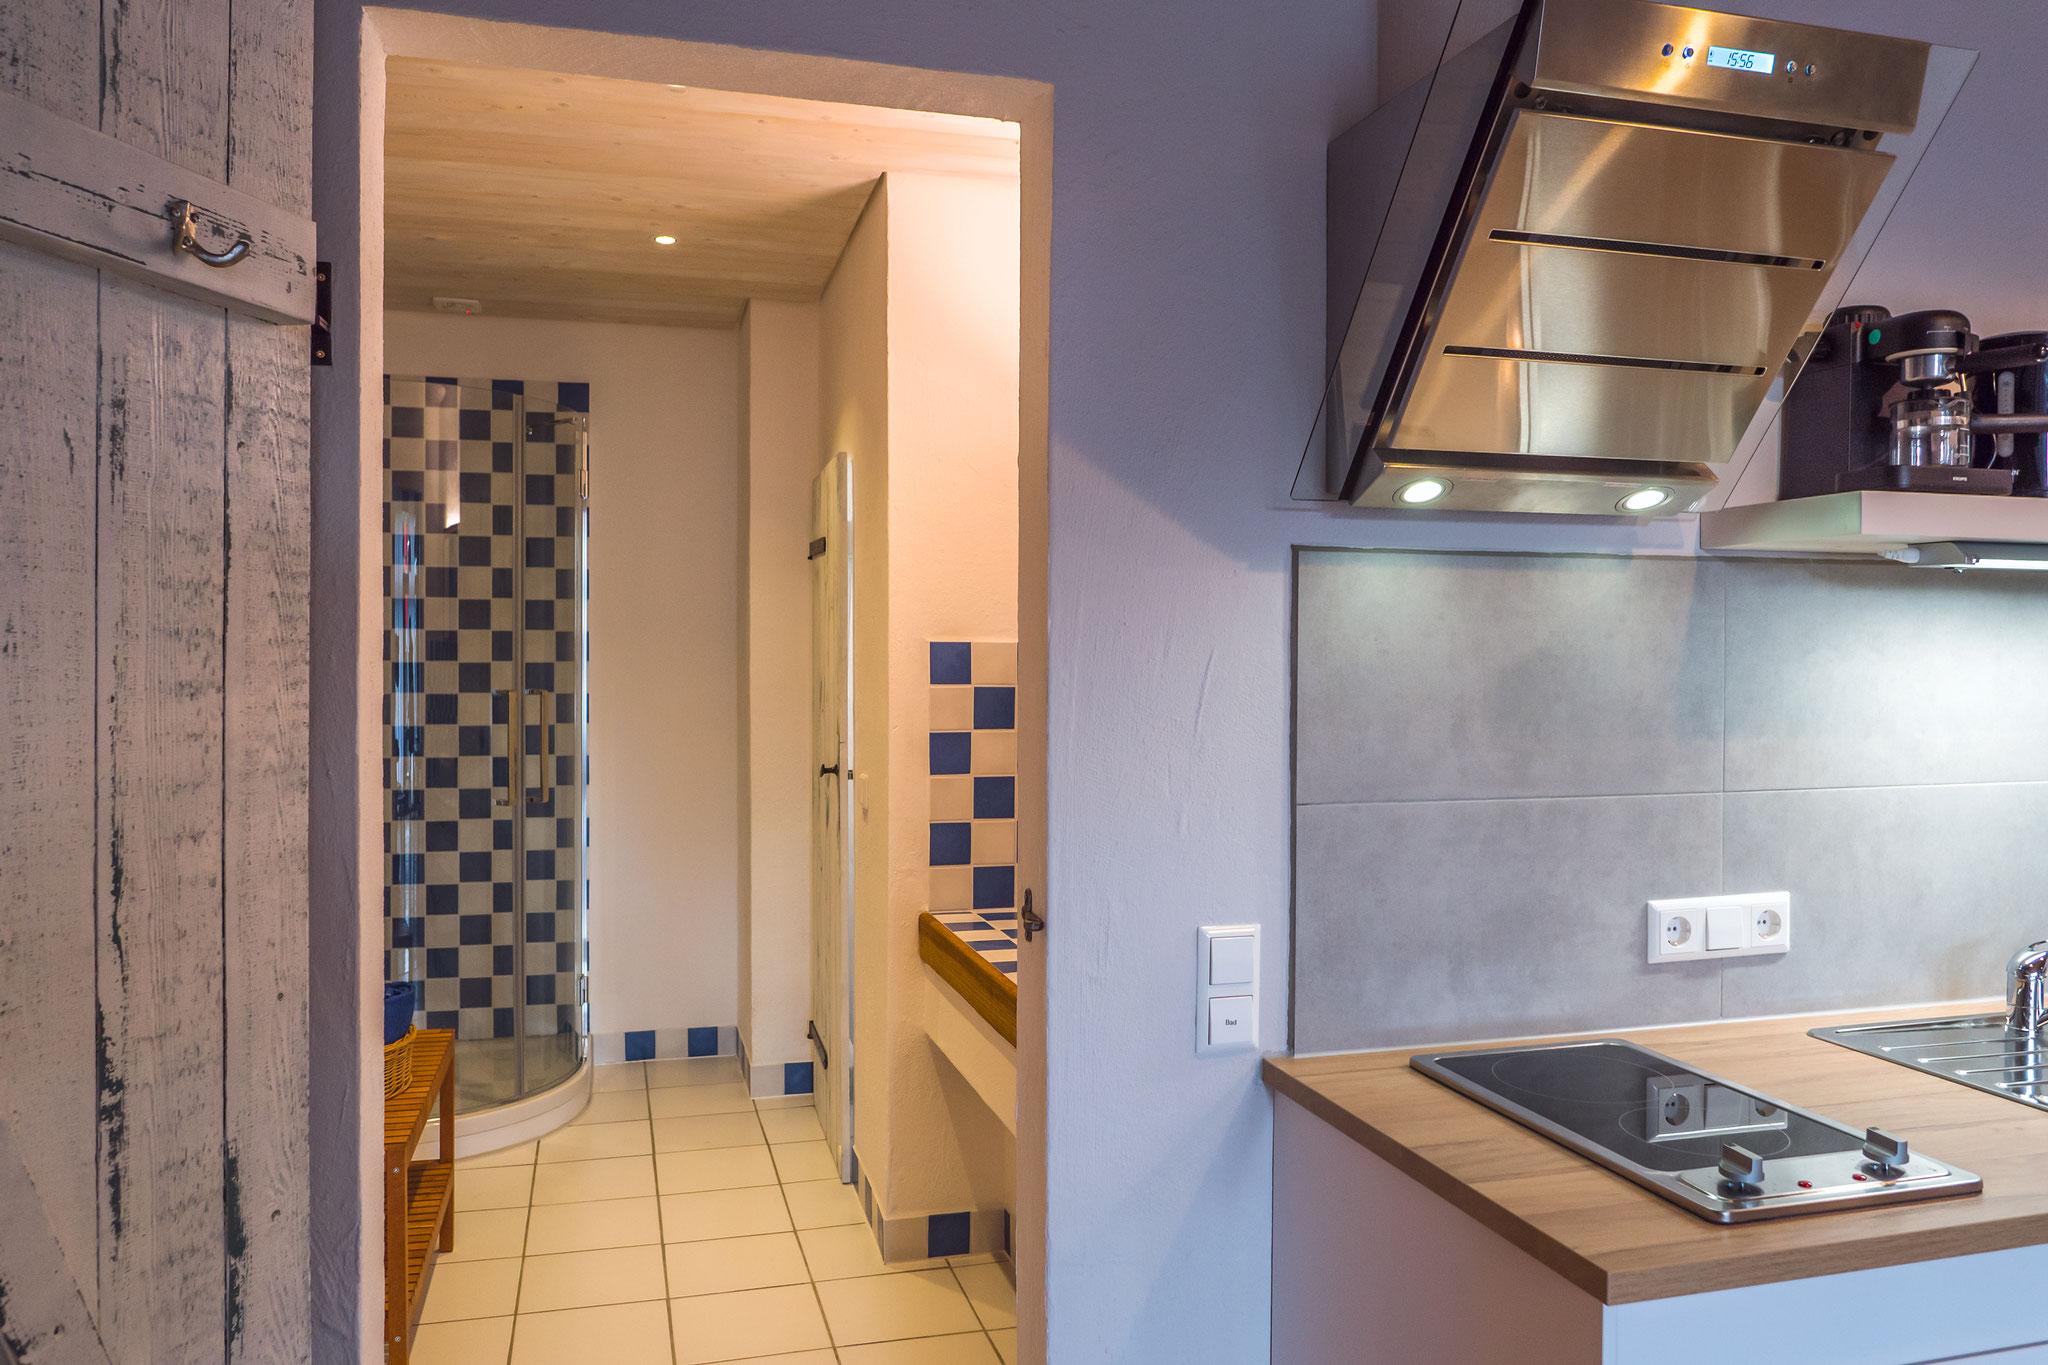 Seminarraum und Gruppenraum, Badezimmer, Küche